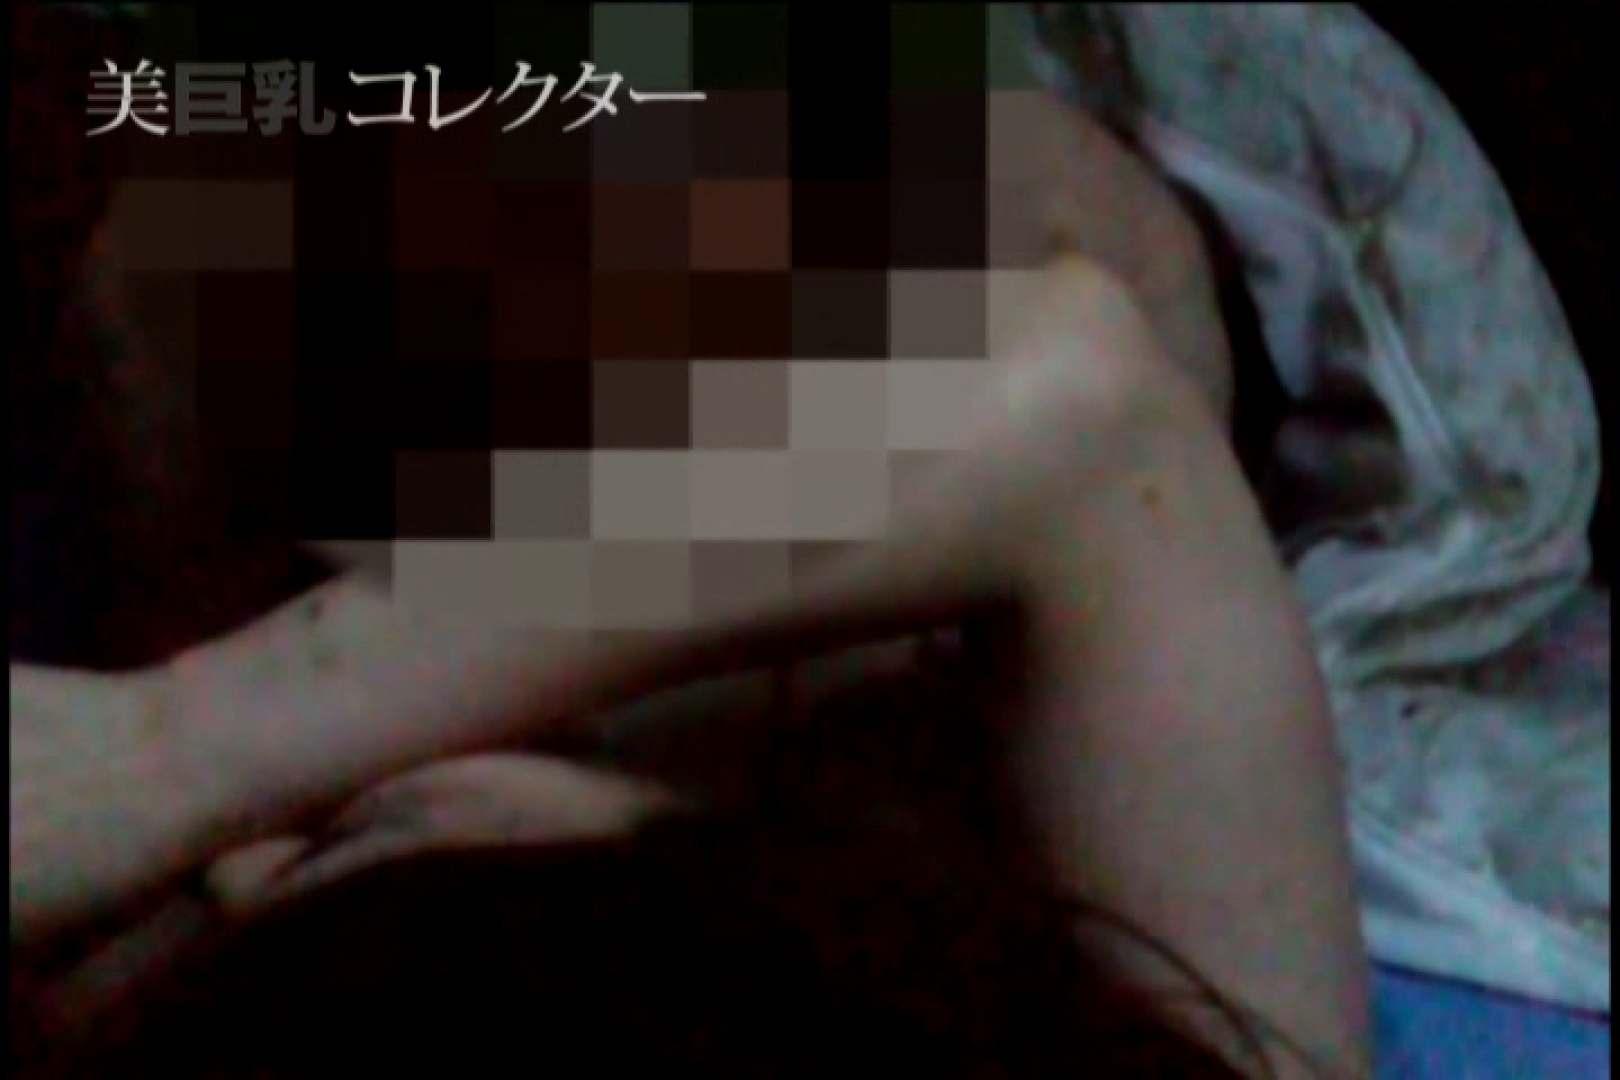 泥酔Hカップ爆乳ギャル3 SEX おまんこ動画流出 50枚 14